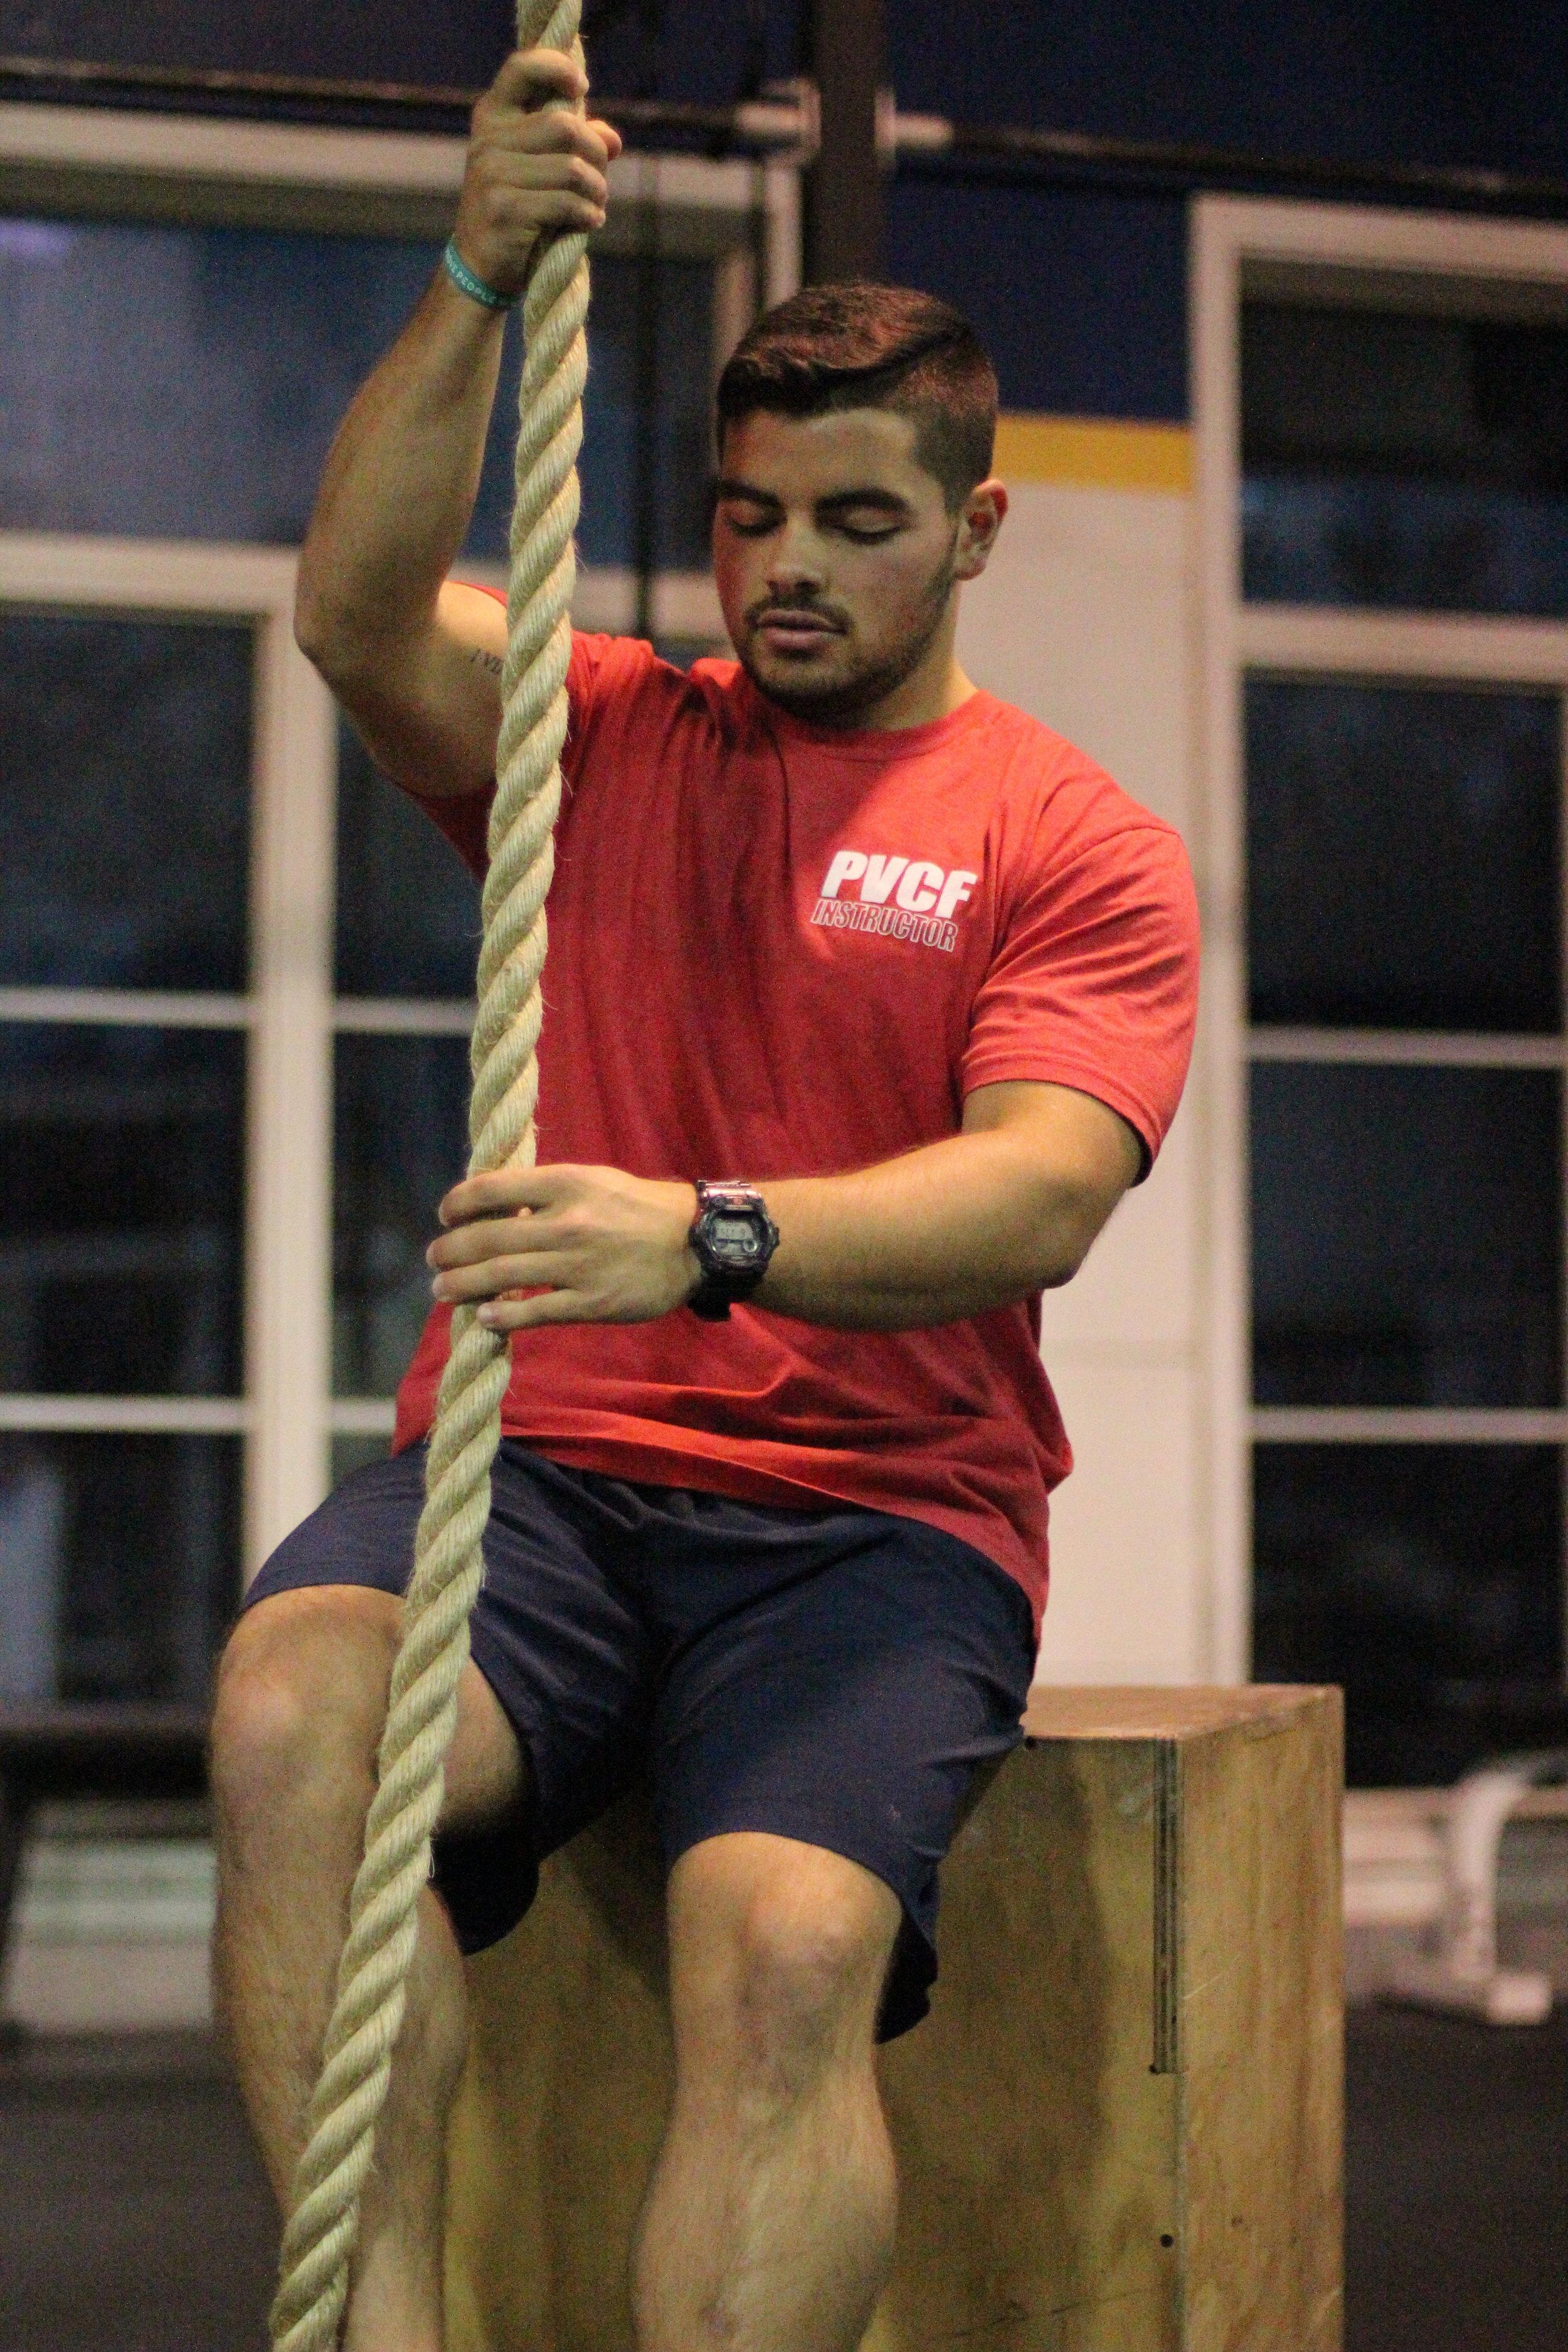 Coach Will prepares to teach the rope climb!